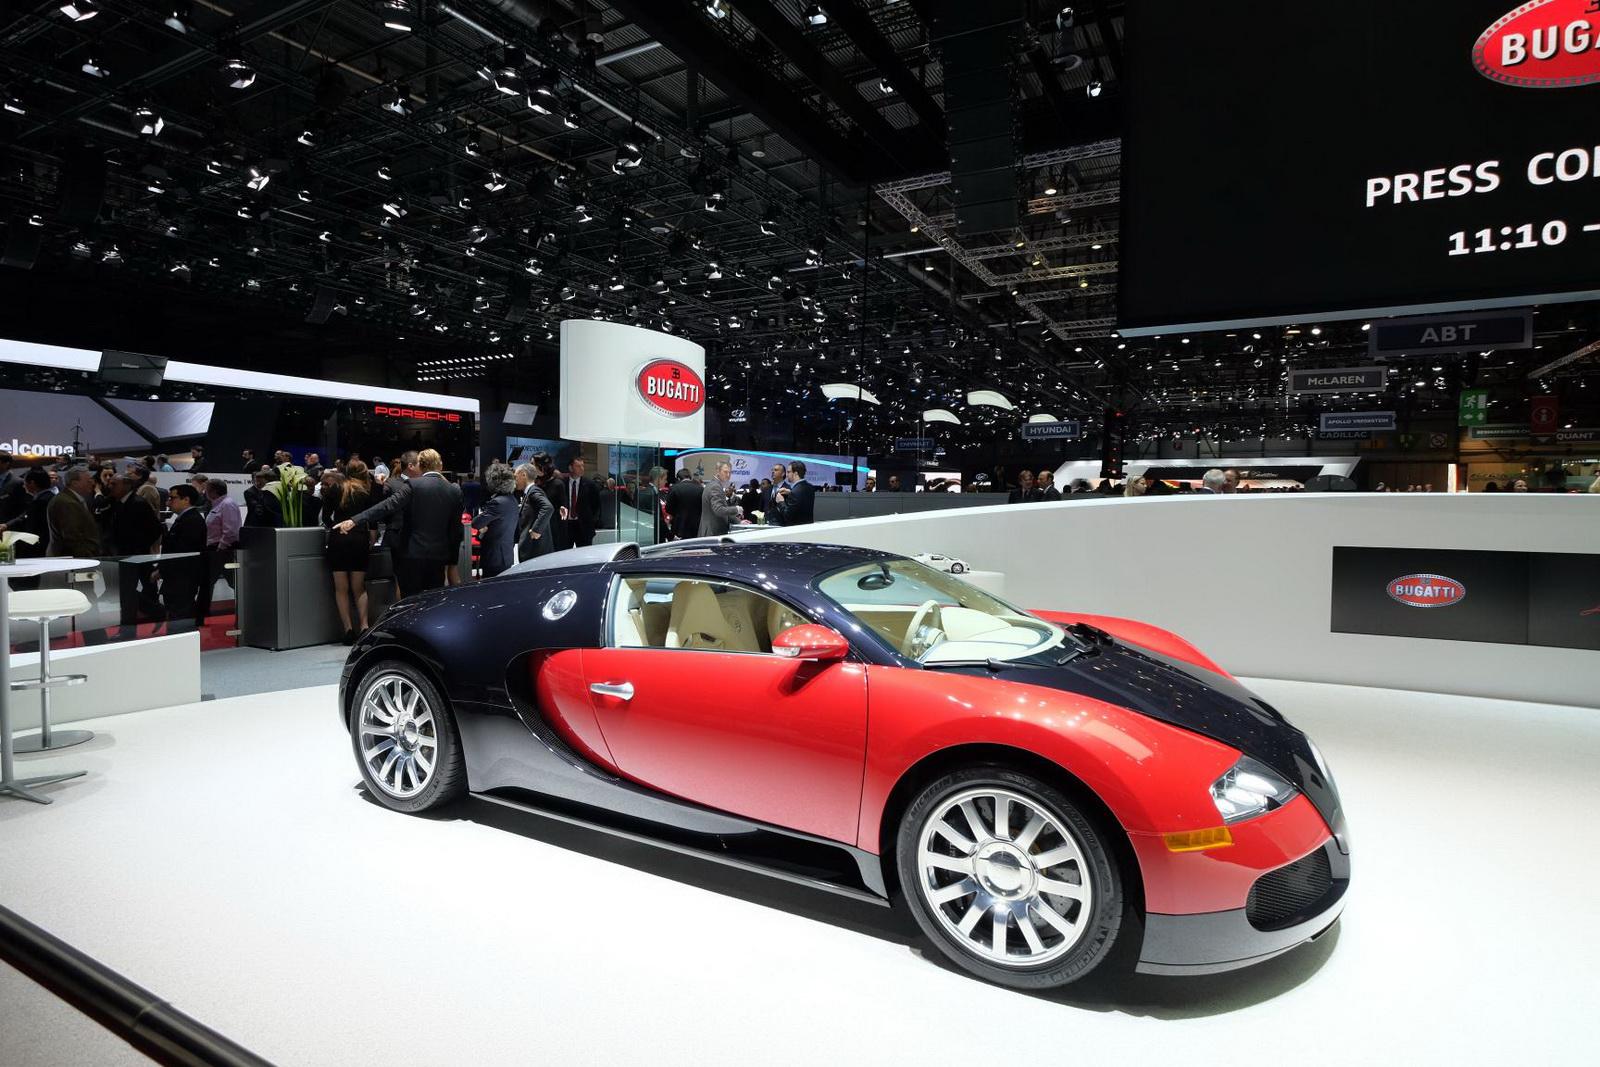 Bugatti-Veyron-Chassis-1-1